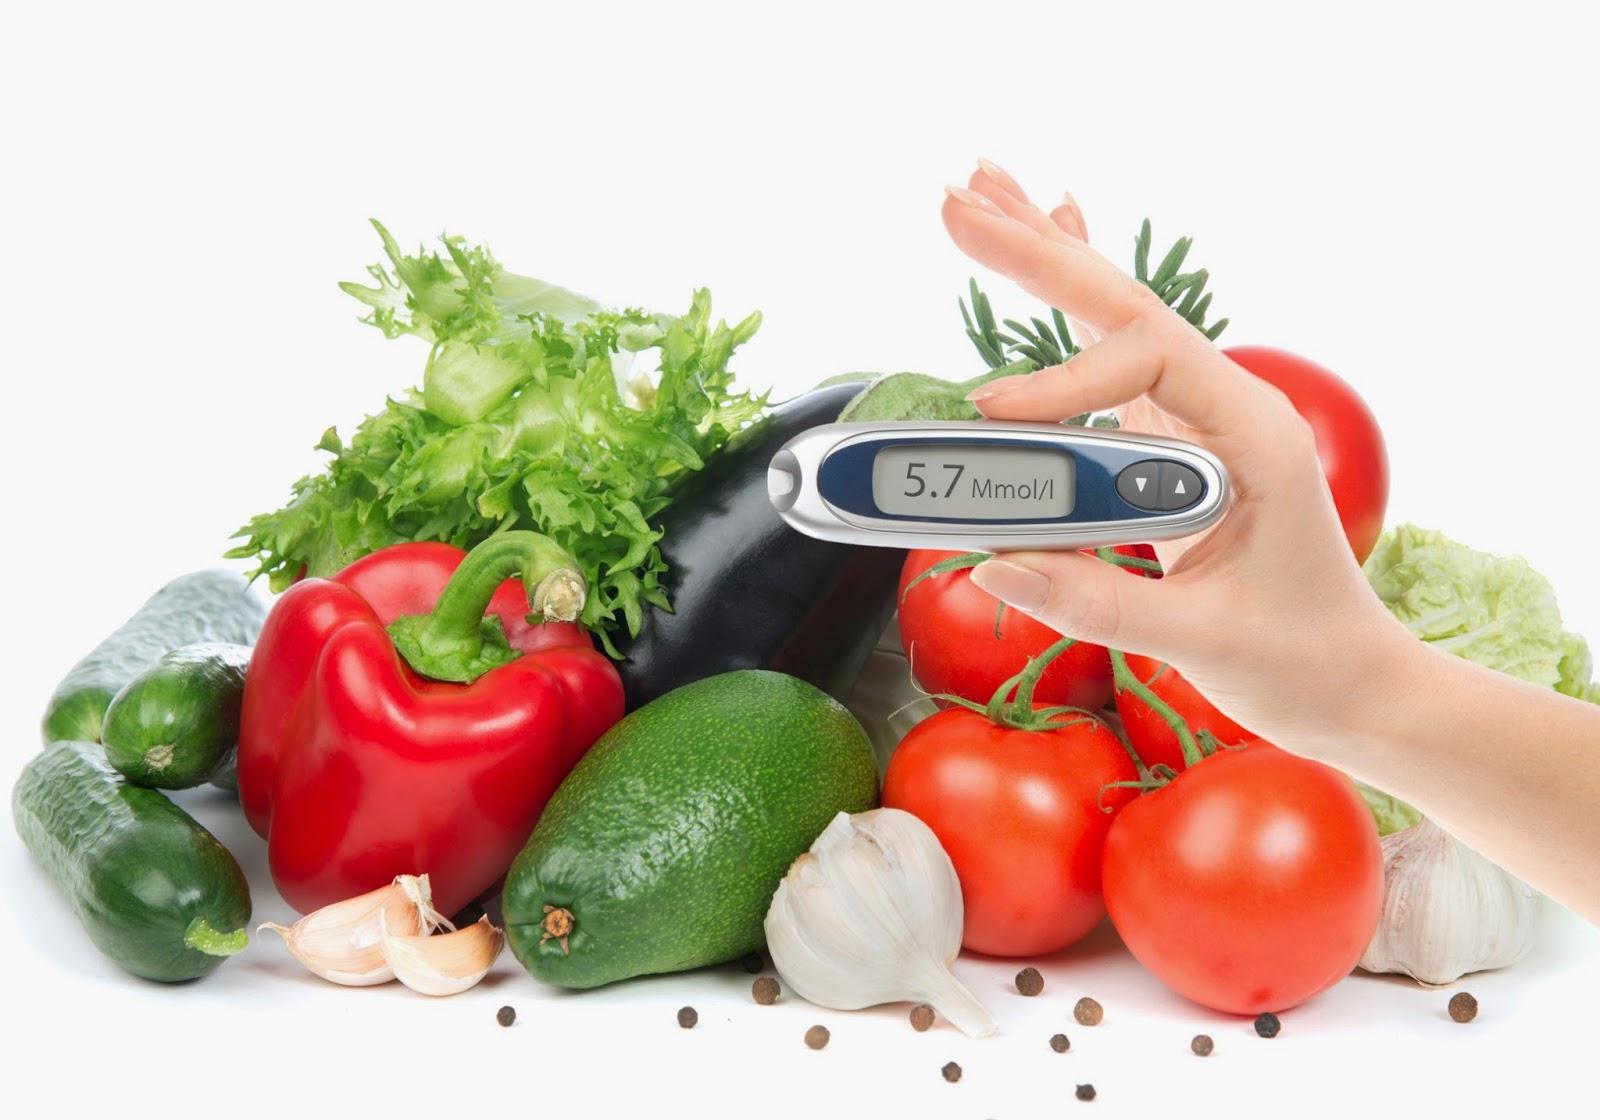 diabetic food, food for diabetic people, diabetic diet, diabetic plan, healthy food,